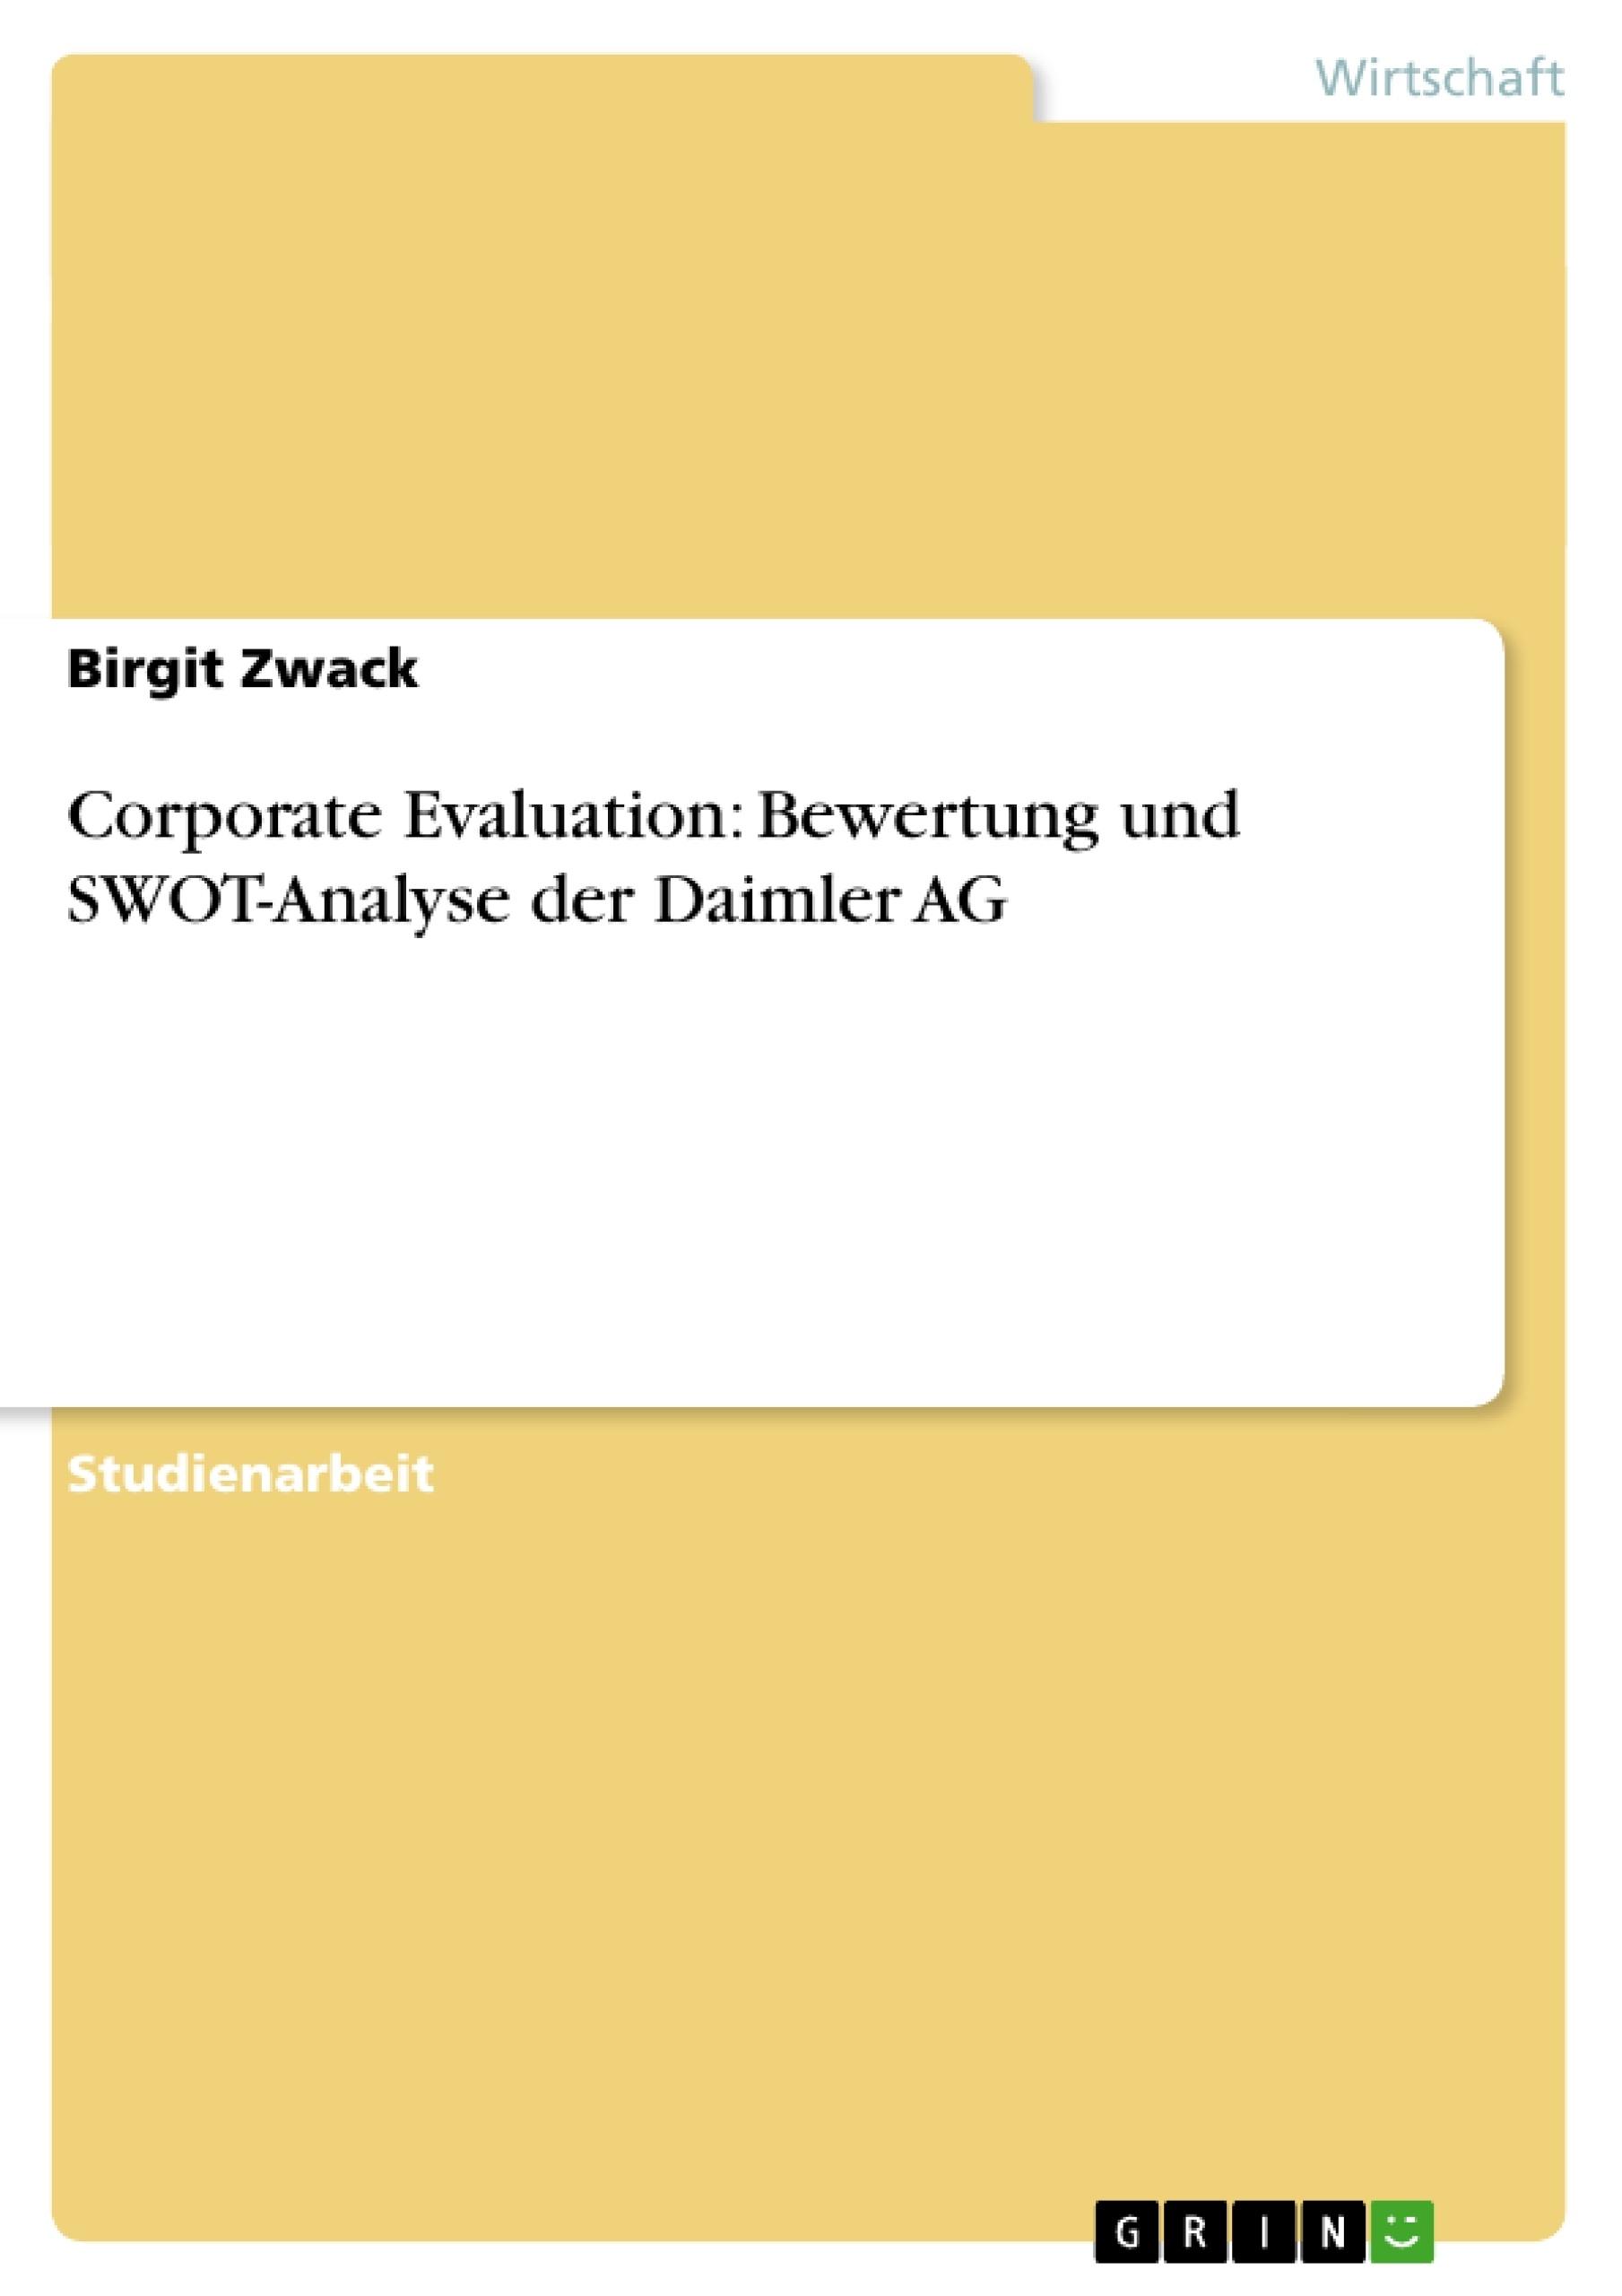 Titel: Corporate Evaluation: Bewertung und SWOT-Analyse der Daimler AG